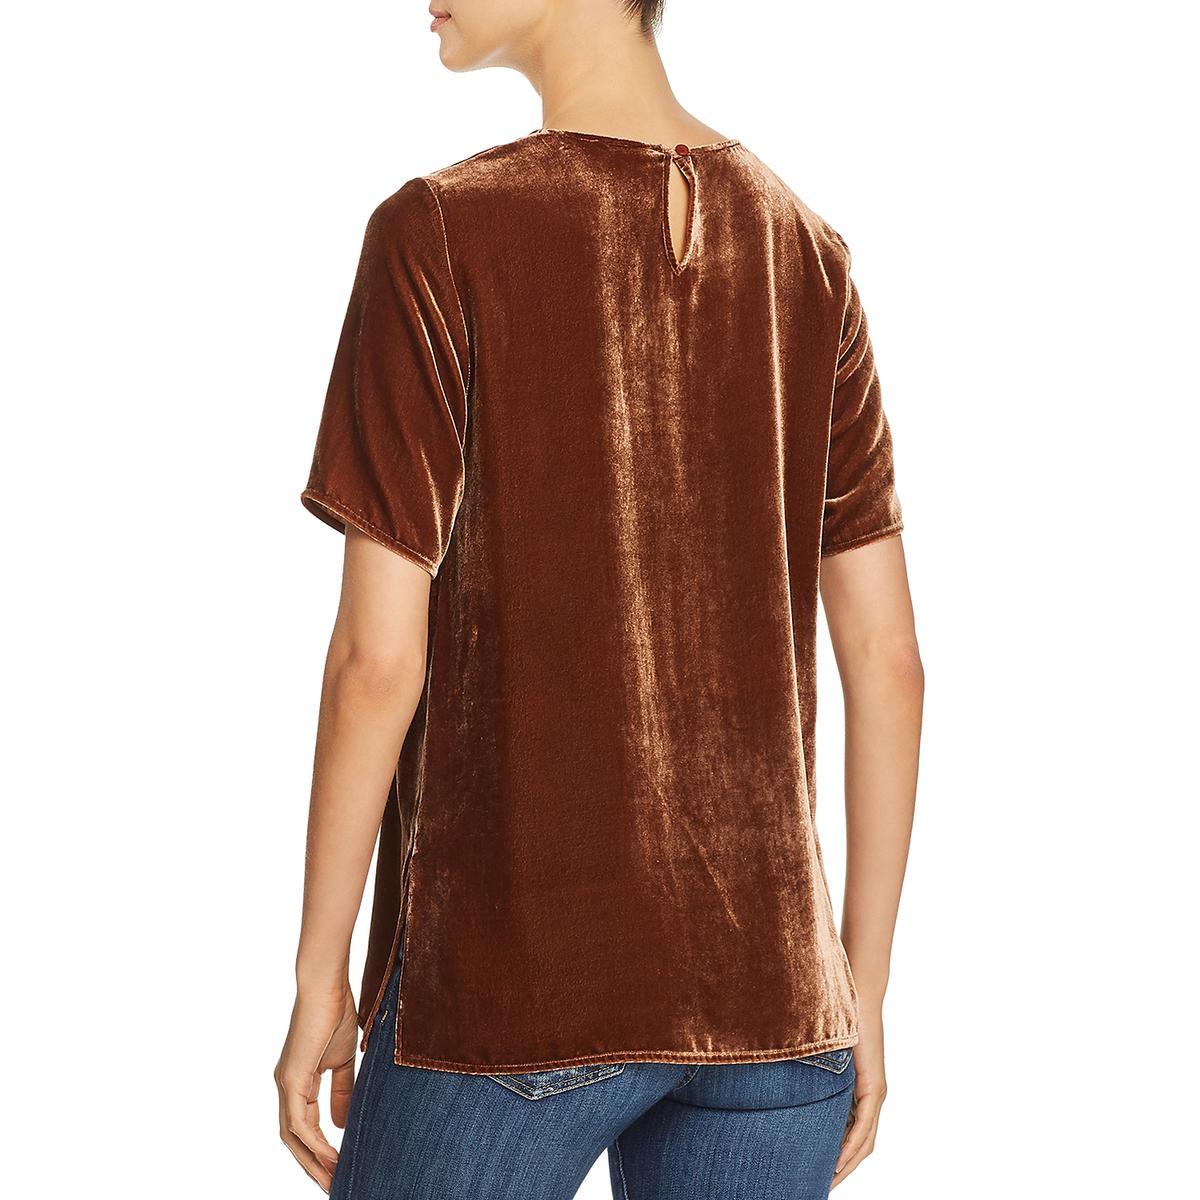 Eileen-Fisher-Womens-Velvet-Short-Sleeve-Pullover-Blouse-Top-BHFO-5939 thumbnail 6